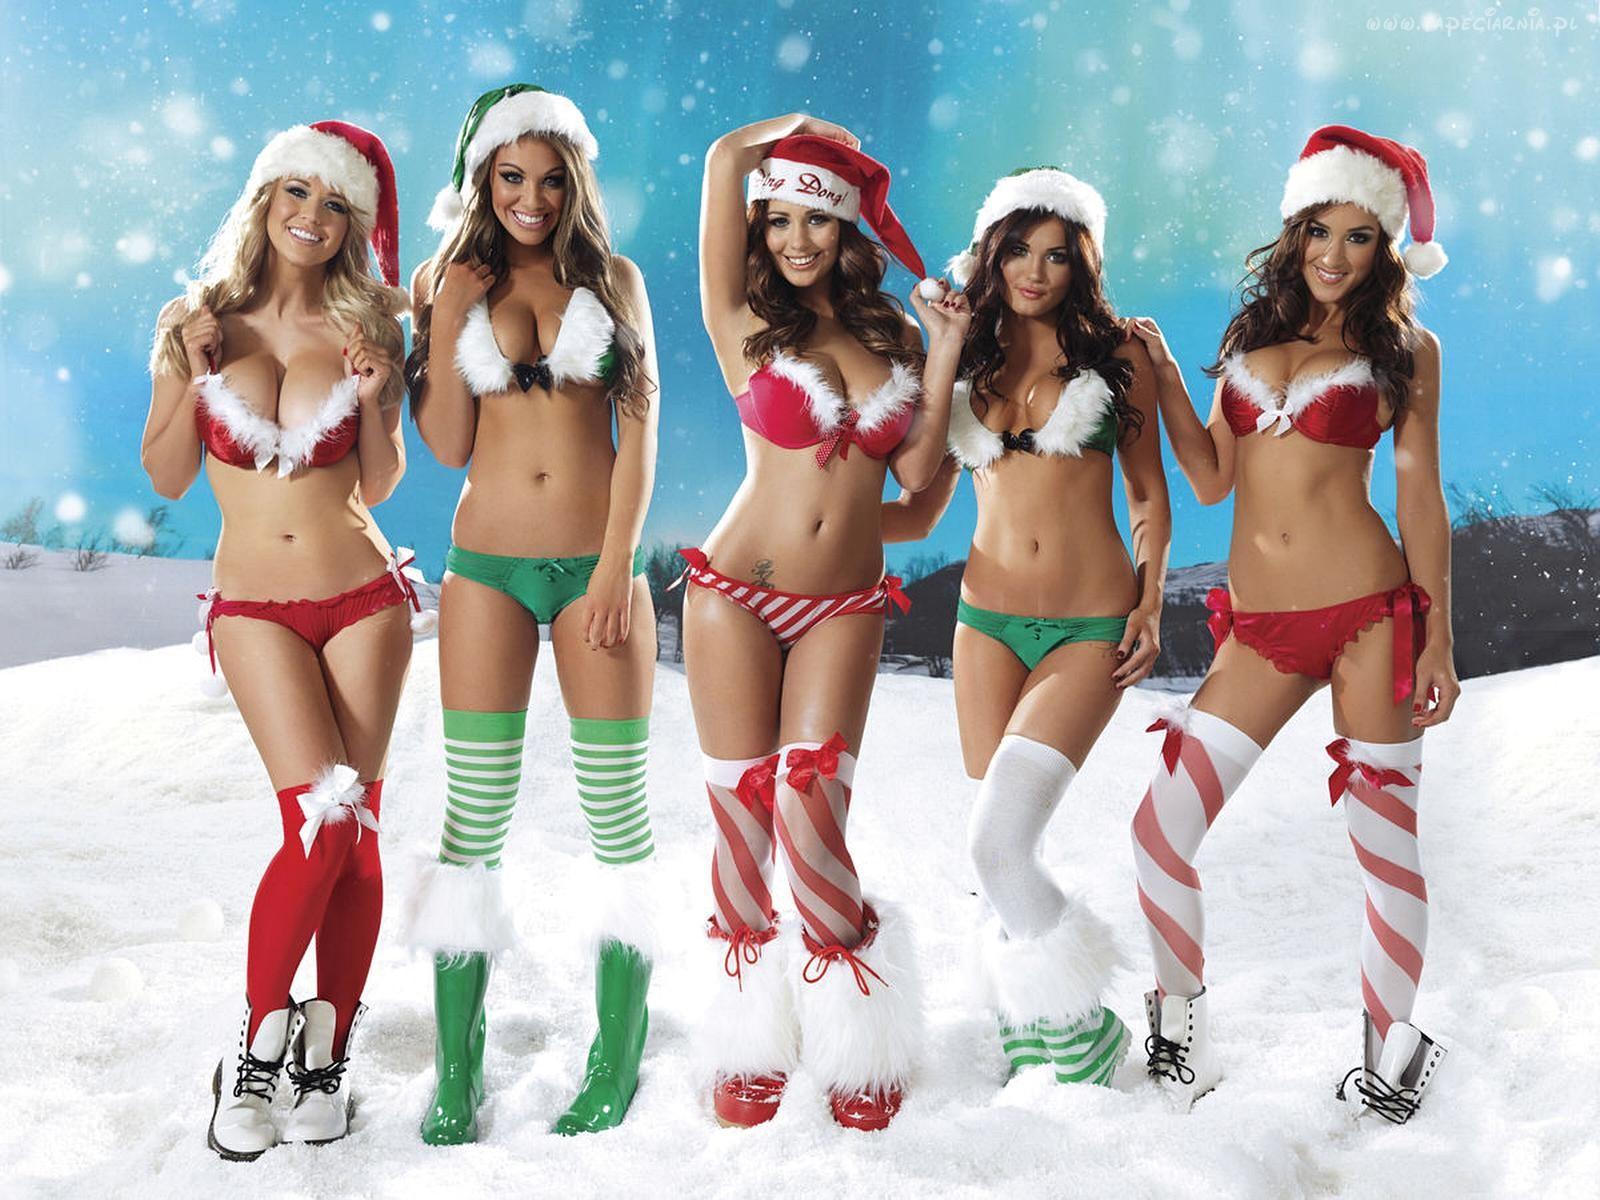 Сексуальные новогодние девушки @ m1bar.com